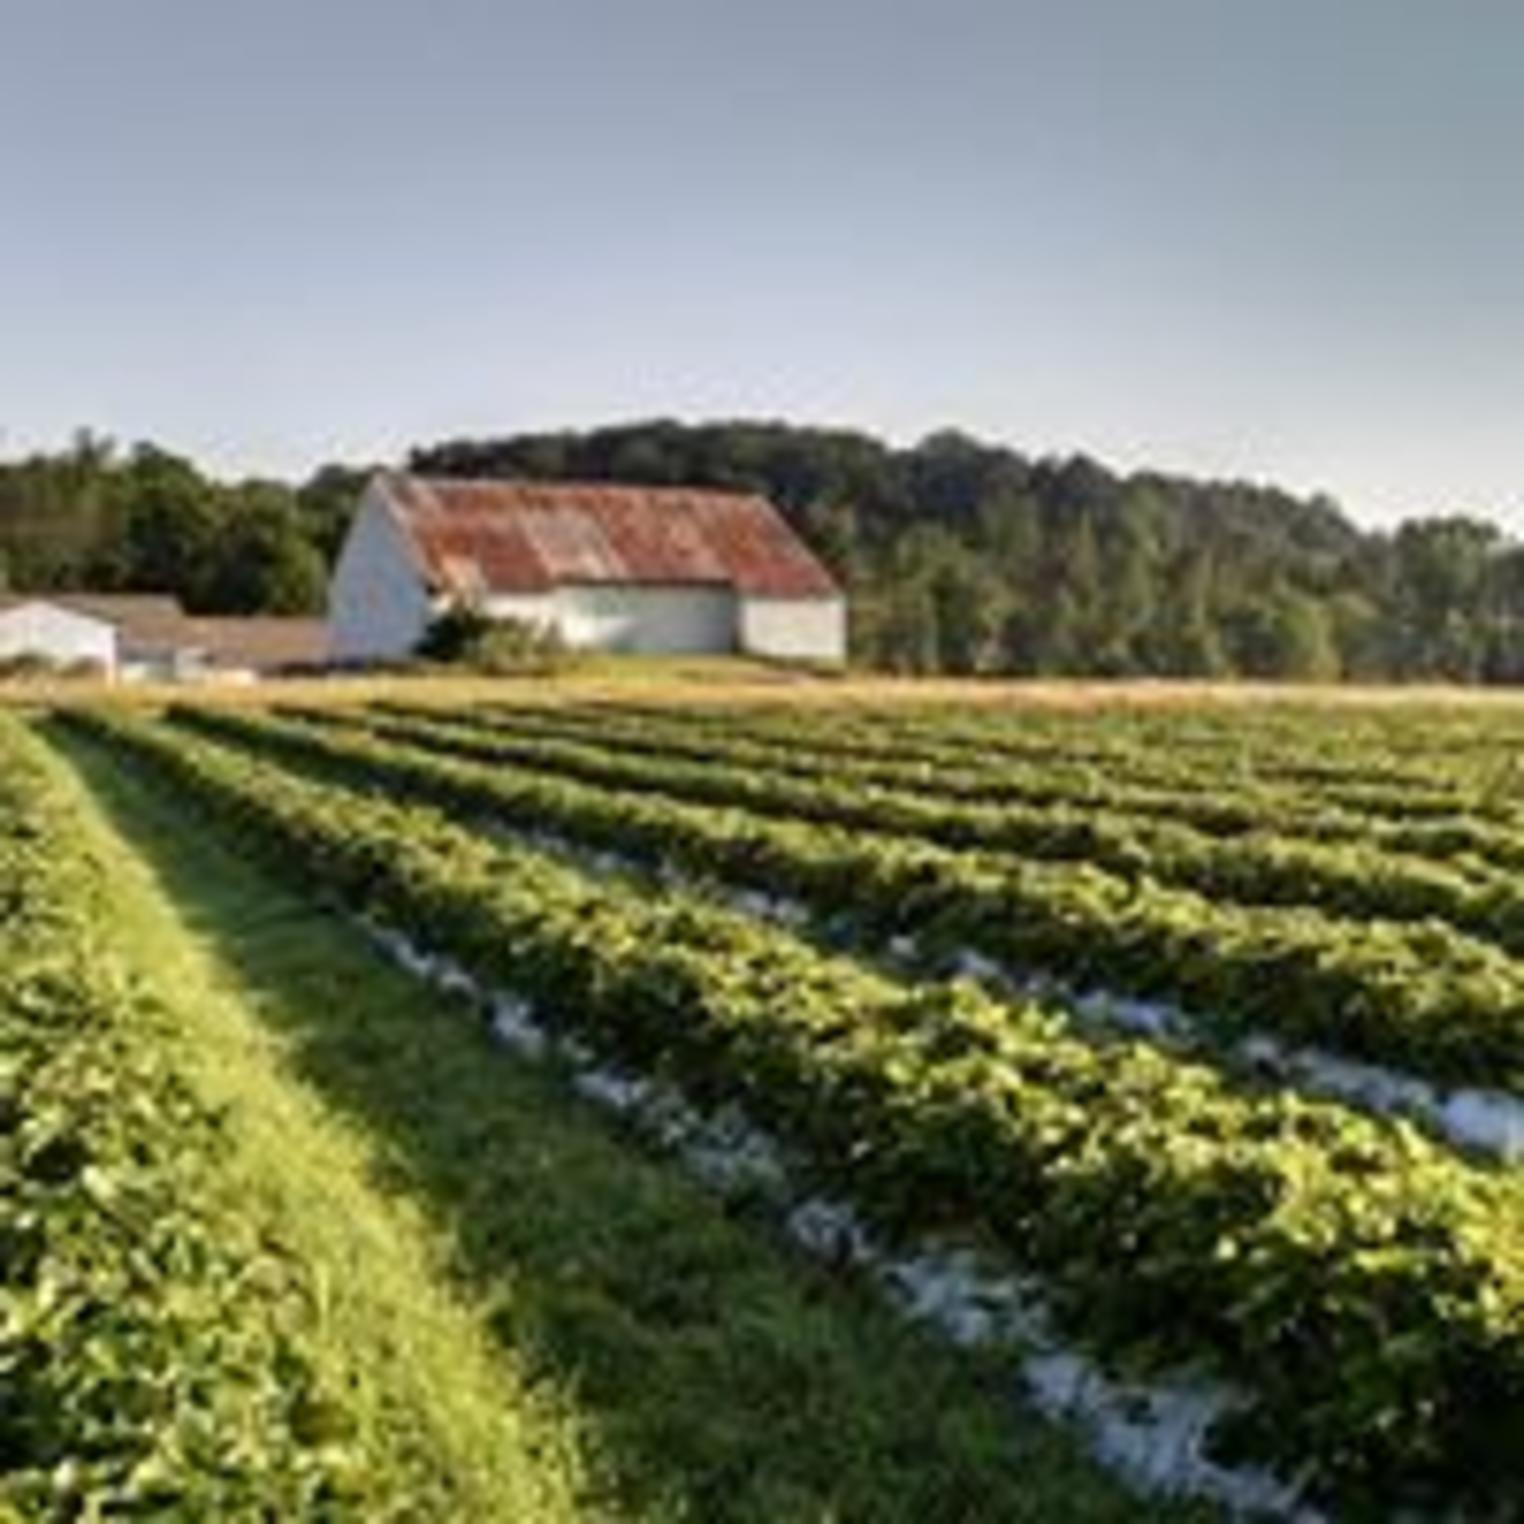 Cross the Creek Farm